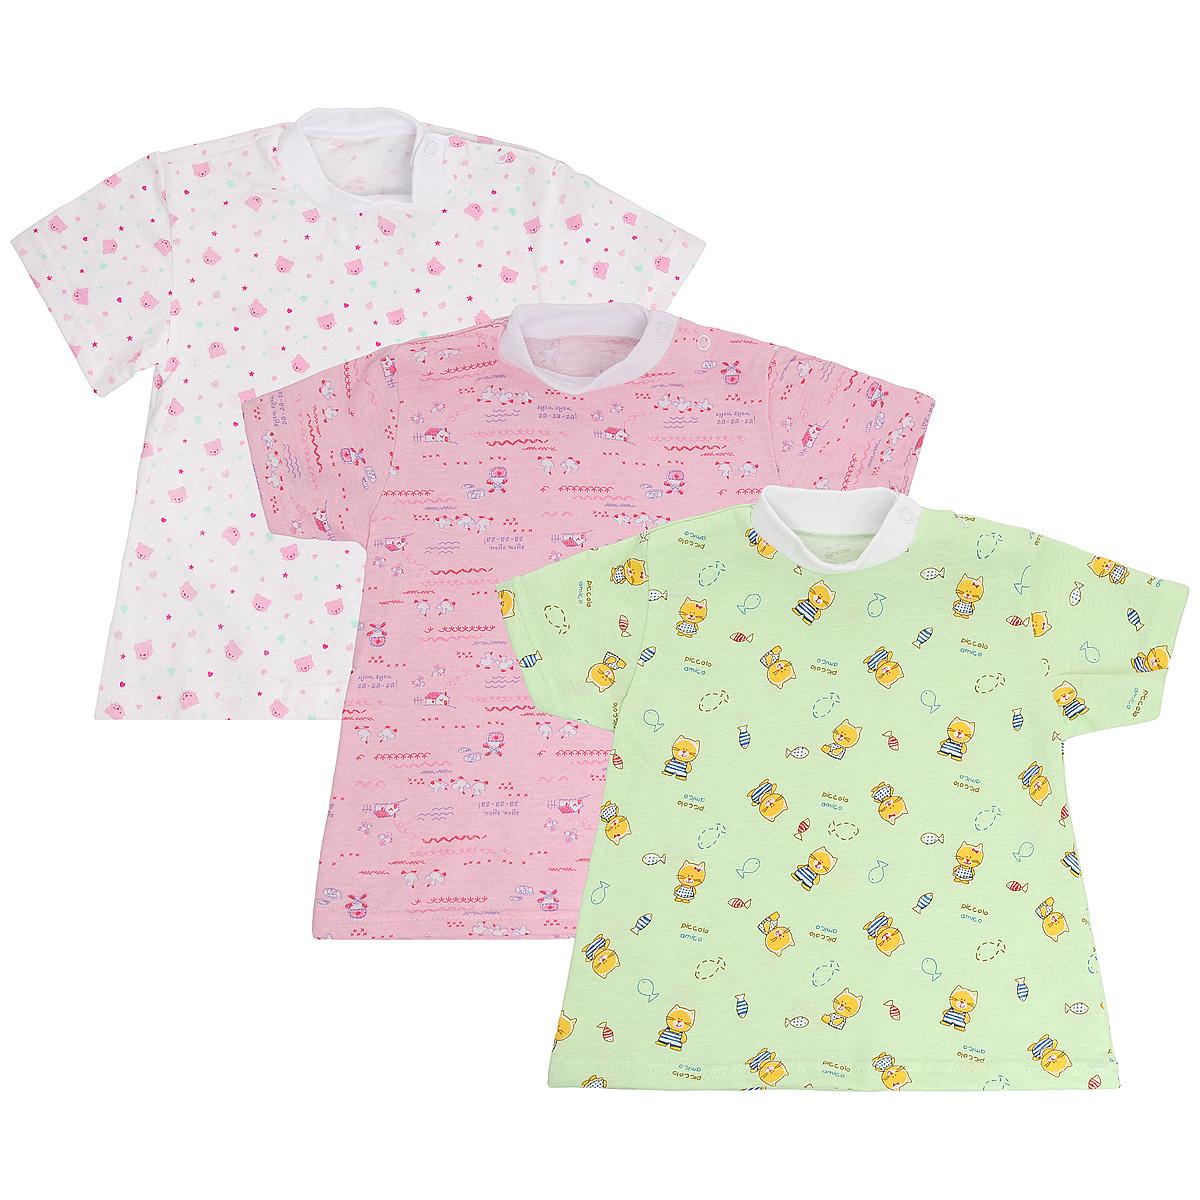 Футболка10-237дКомплект Фреш Стайл состоит из трех футболок для девочки. Кофточки с короткими рукавами послужат идеальным дополнением к гардеробу малышки, обеспечивая ей наибольший комфорт. Изготовленные из натурального хлопка, они необычайно мягкие и легкие, не раздражают нежную кожу ребенка и хорошо вентилируются, а эластичные швы приятны телу малышки и не препятствуют ее движениям. Удобные застежки-кнопки по плечу помогают легко переодеть ребенка. Воротник-стойка дополнен эластичной резинкой. Украшены футболочки яркими рисунками. Оригинальный дизайн и яркая расцветка делают эти футболочки модным и стильным предметом детского гардероба. В них вашей малышке всегда будет комфортно и уютно. УВАЖАЕМЫЕ КЛИЕНТЫ! Обращаем ваше внимание на возможные изменения в дизайне, связанные с ассортиментом продукции: рисунок и цветовая гамма могут отличаться от представленного на изображении. Возможные варианты рисунков и цветов представлены на отдельном...